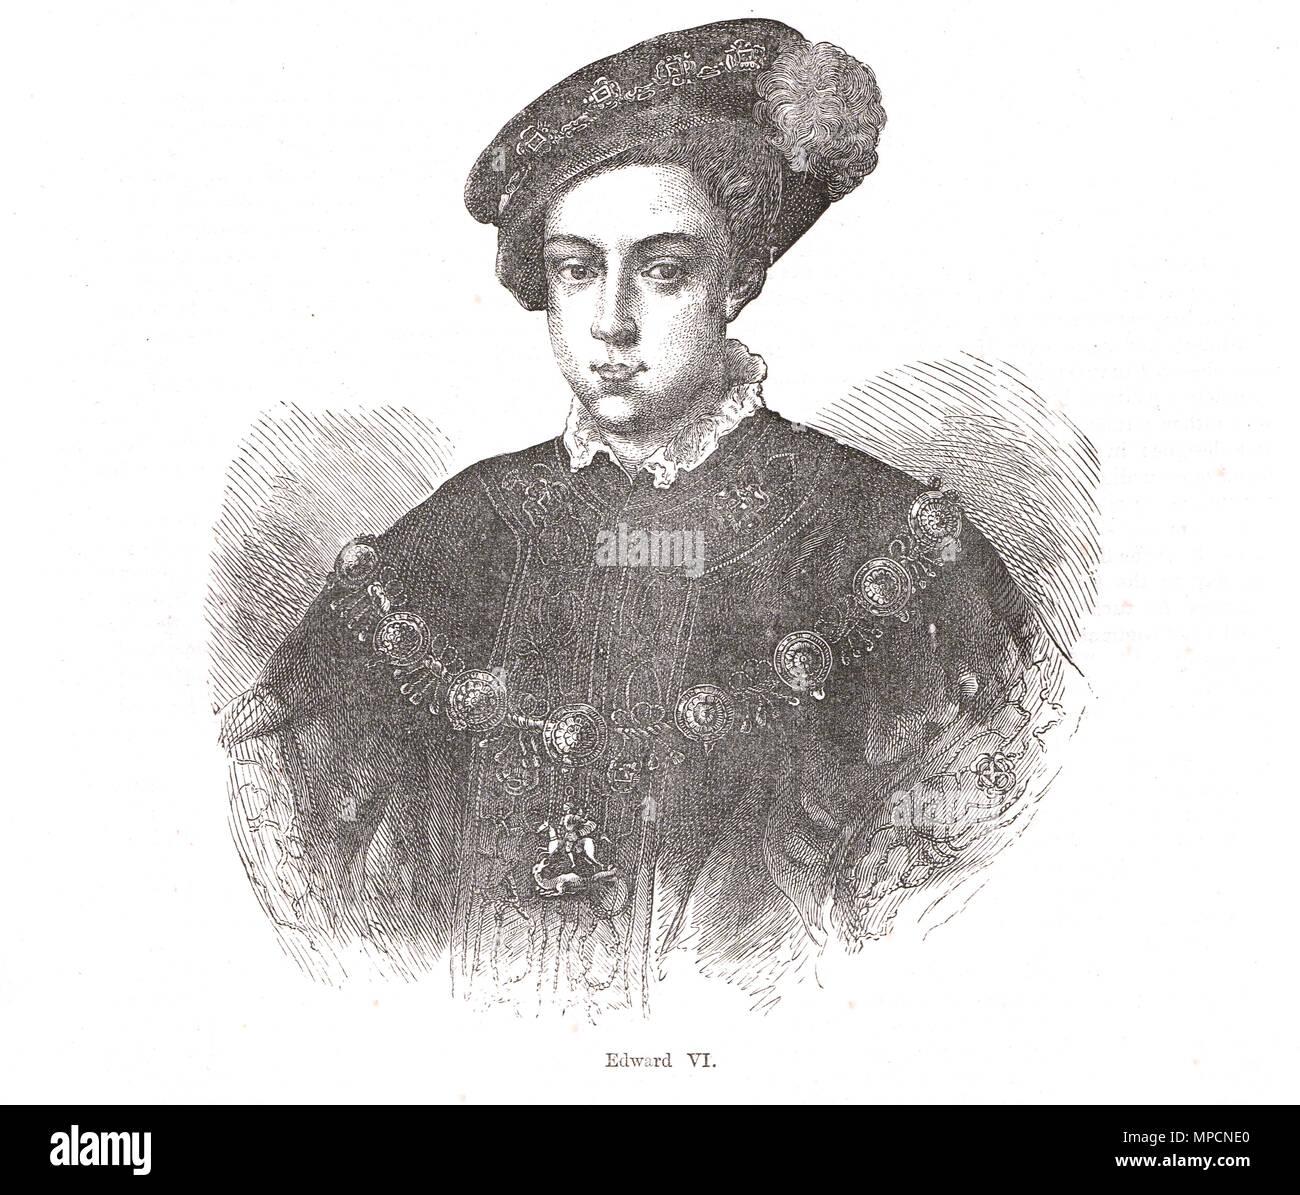 King Edward VI of England, reigned 1547-1553 - Stock Image